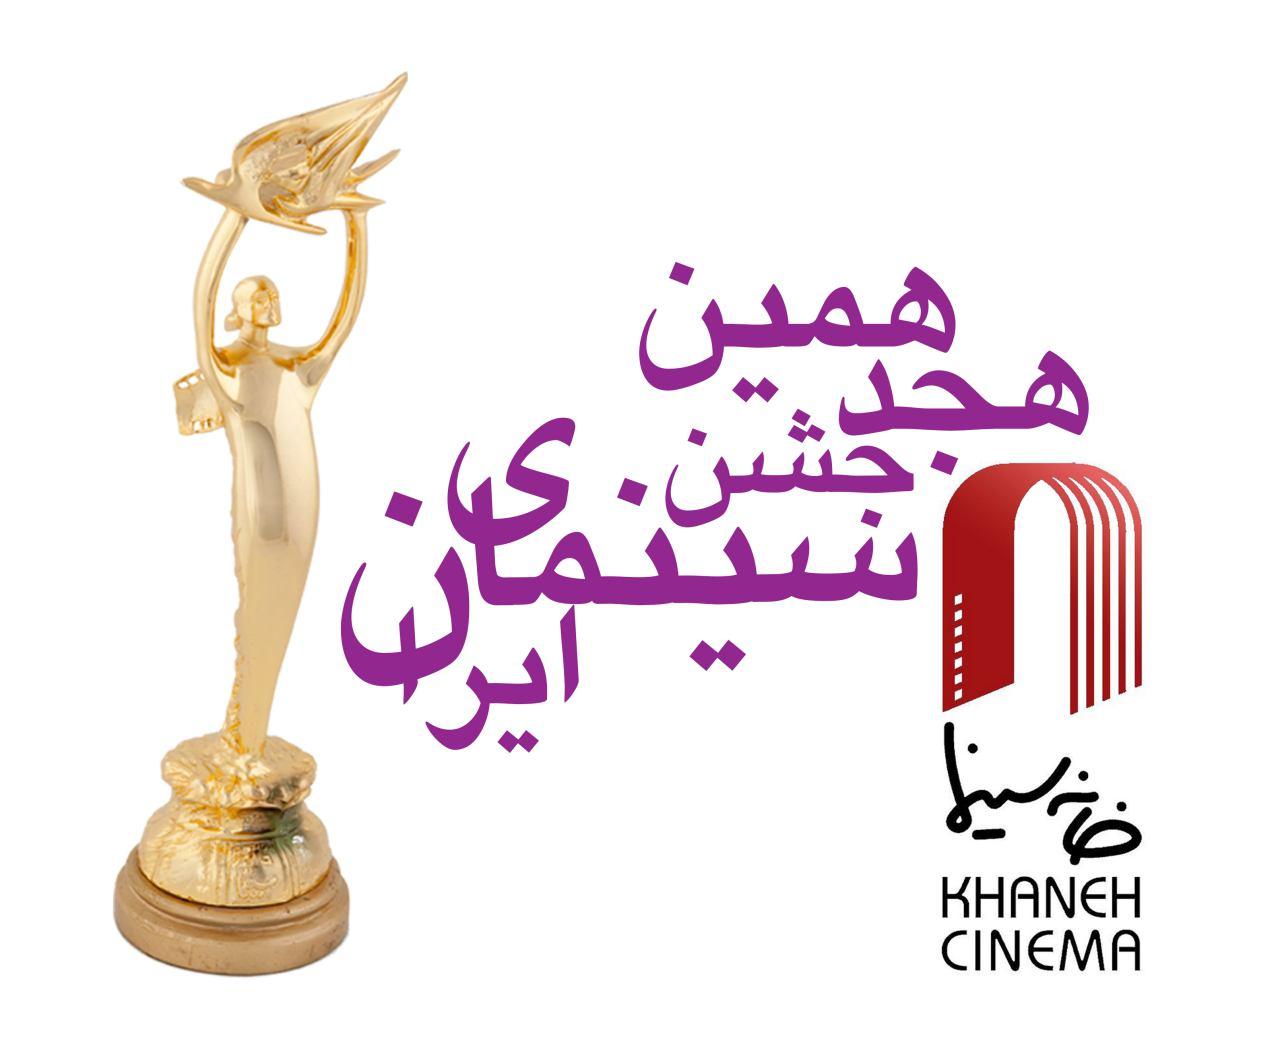 داوران مرحله نهایی جشن سینمای ایران اعلام شدند